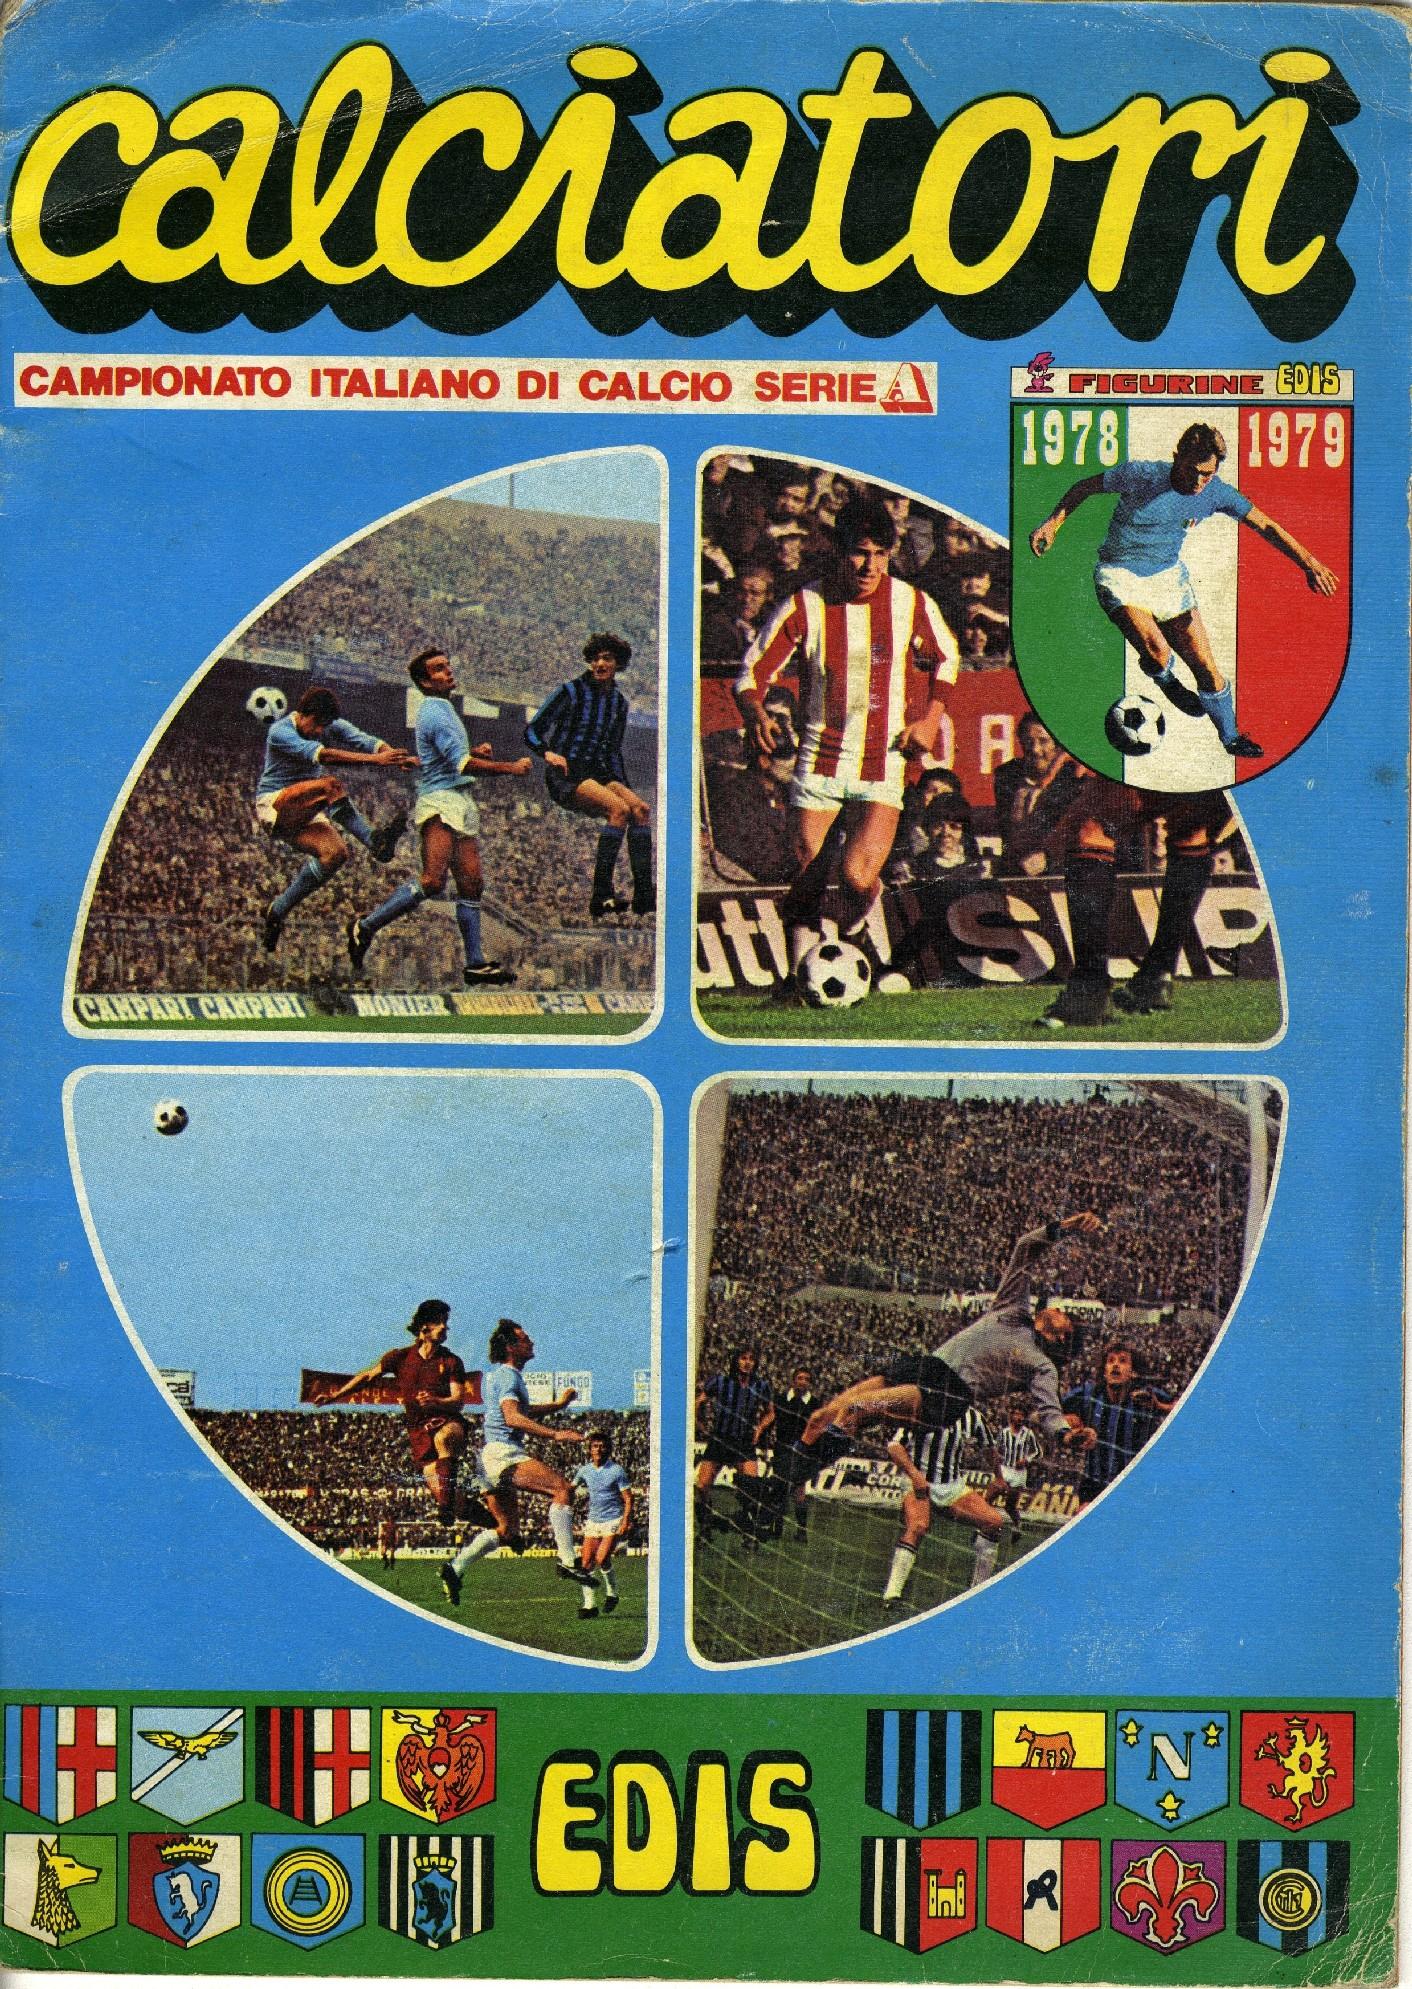 Calciatori EDIS 1978 1979